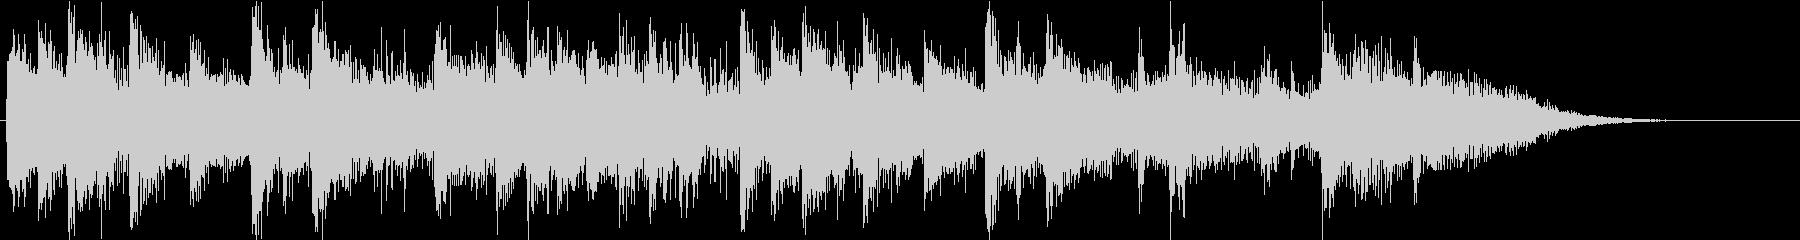 ピアノと弦の円舞曲風アイキャッチの未再生の波形